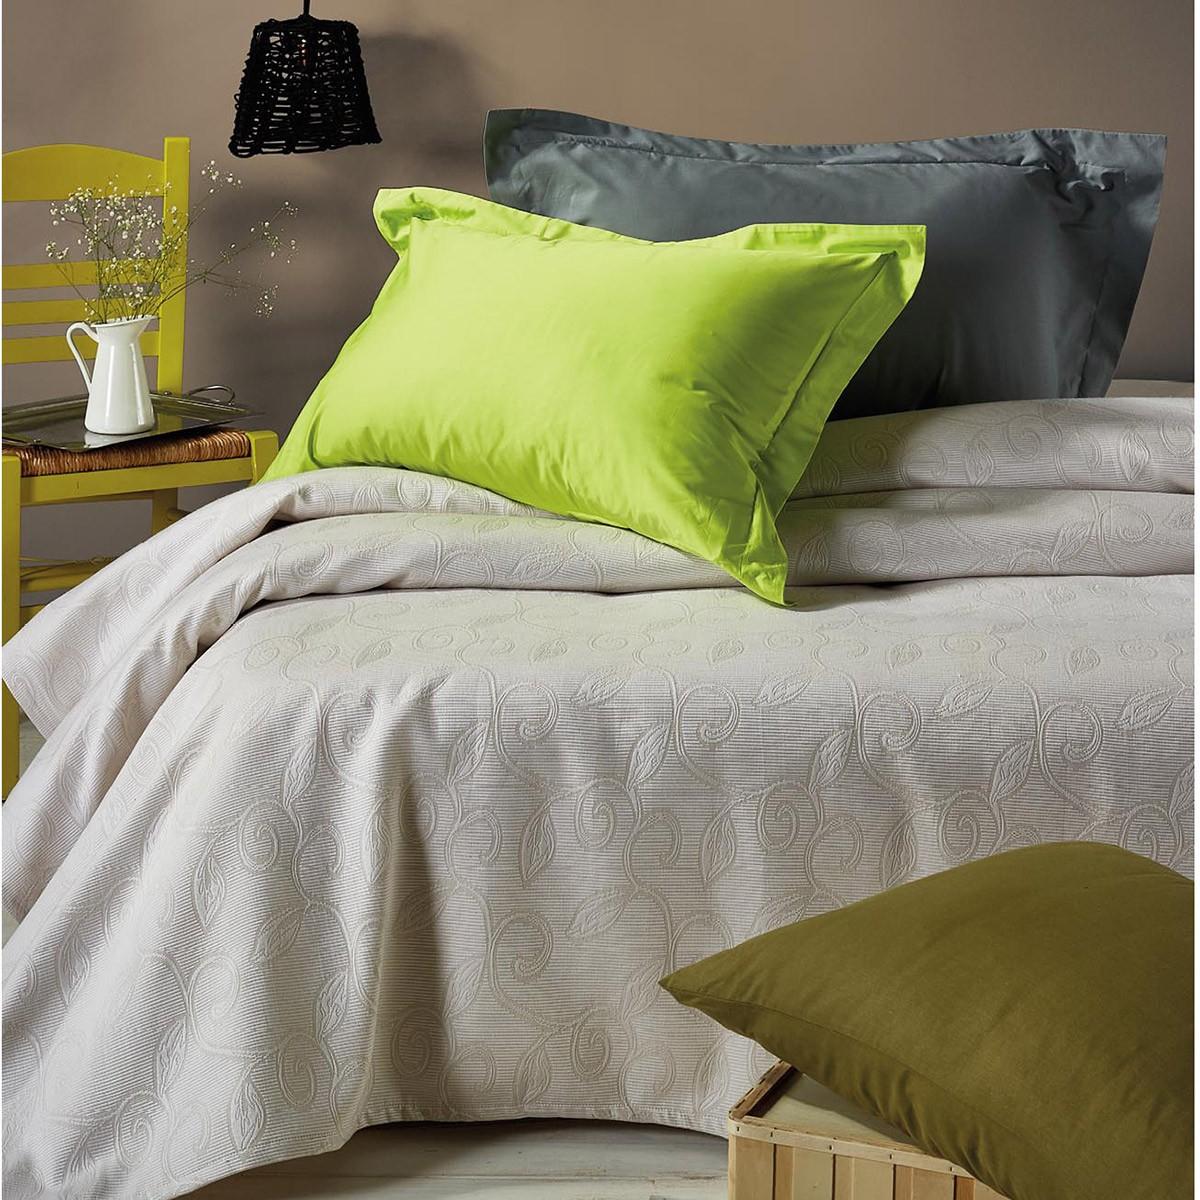 Κουβερτόριο Υπέρδιπλο White Egg ΚΠ1Α home   κρεβατοκάμαρα   κουβέρτες   κουβέρτες καλοκαιρινές υπέρδιπλες